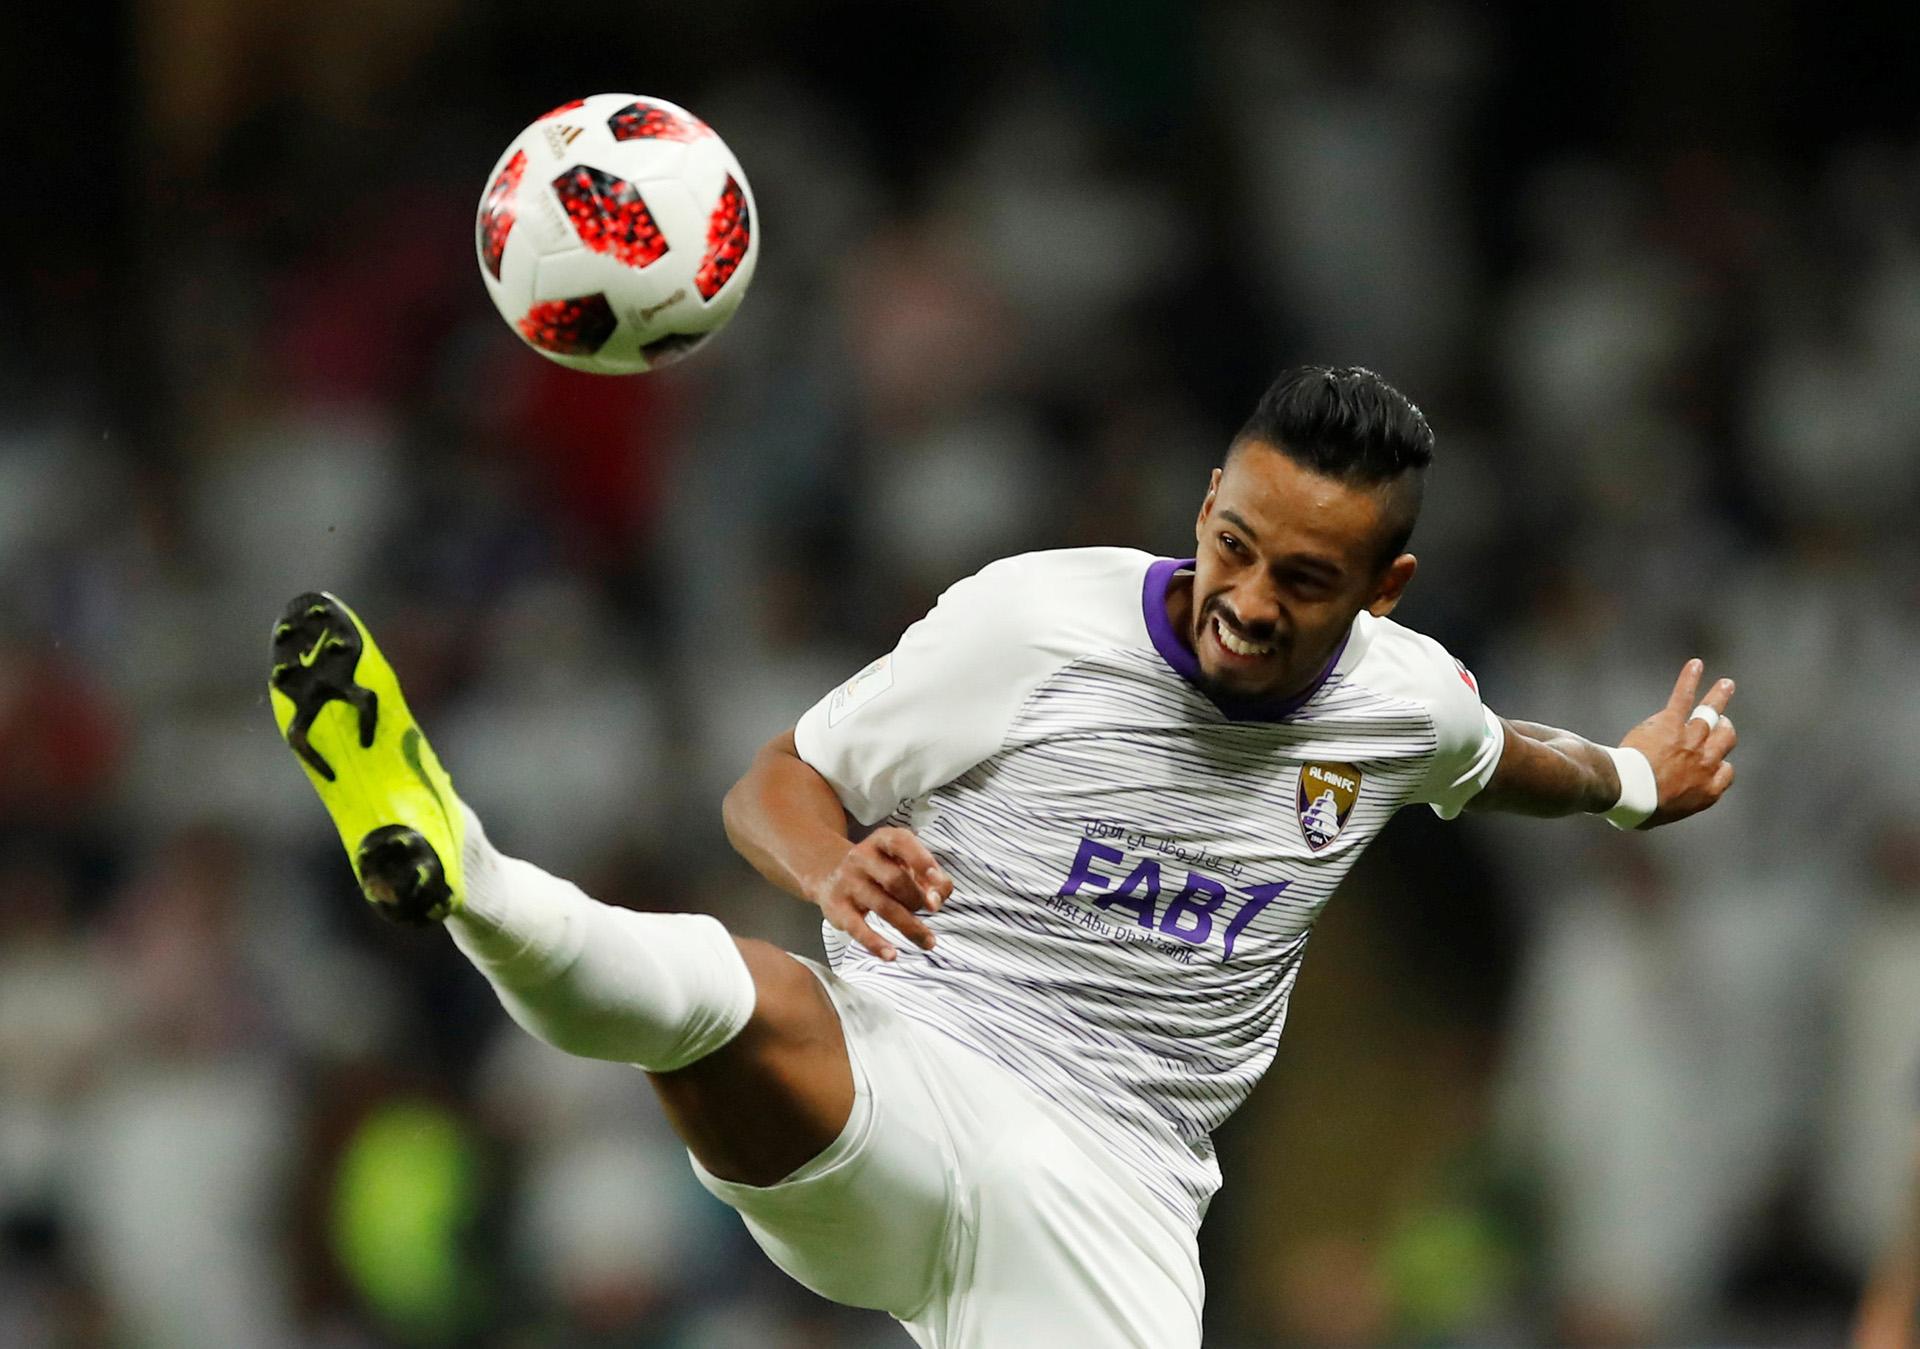 Caio, el mejor jugador del Al Ain y autor de un gol